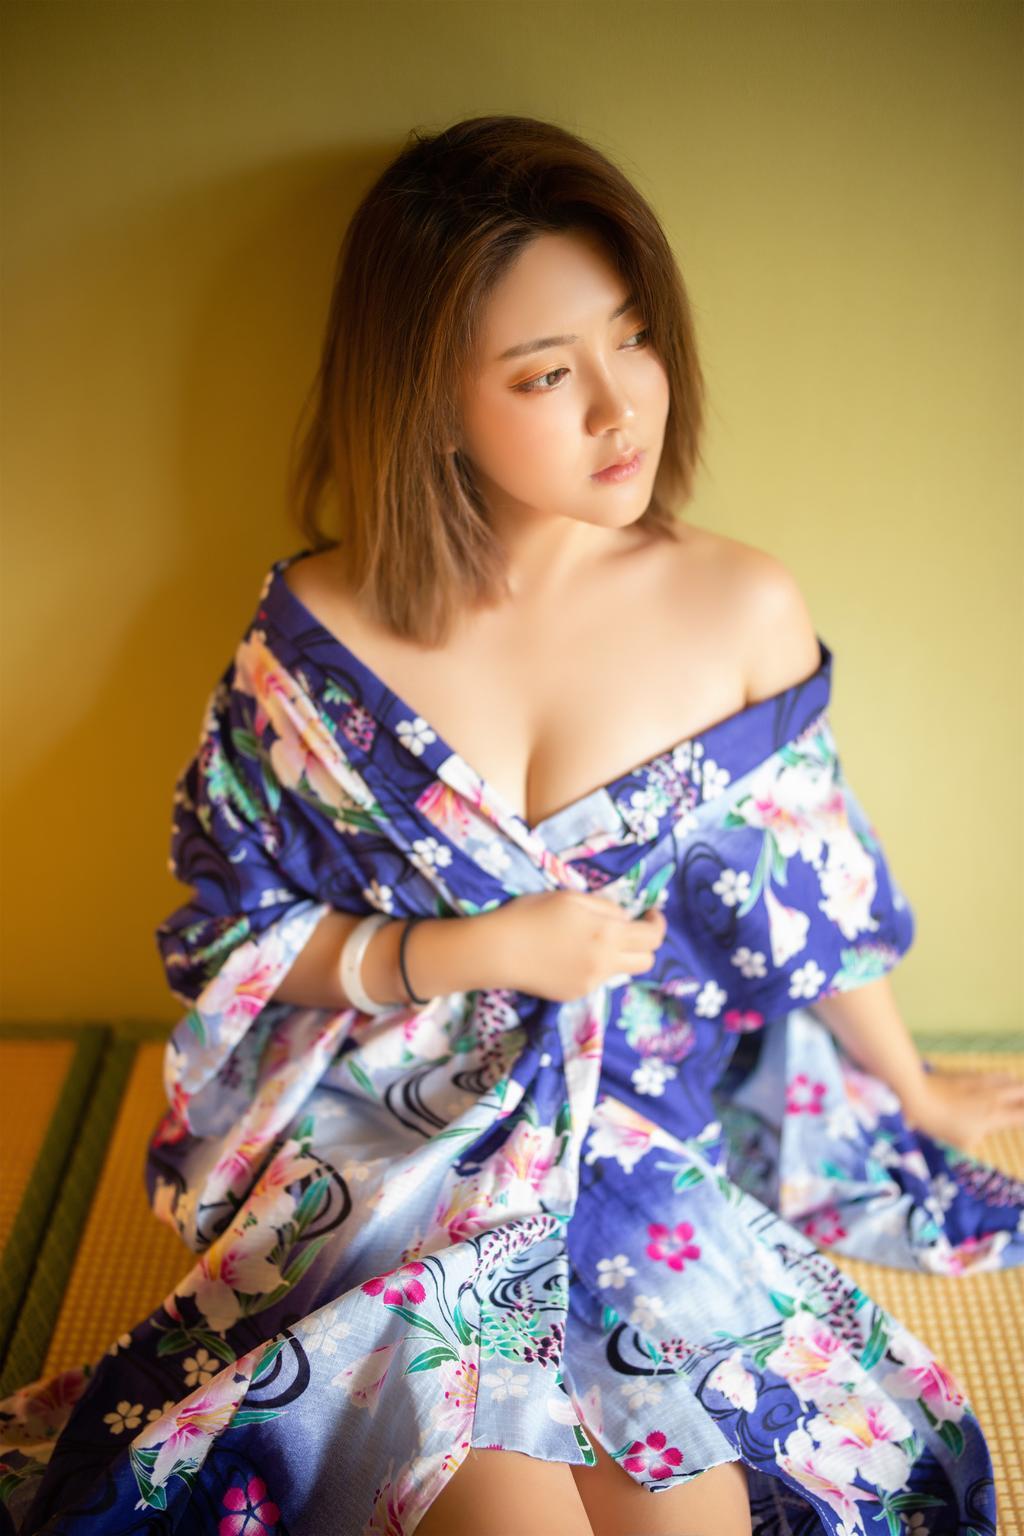 日系和服人像摄影作品欣赏